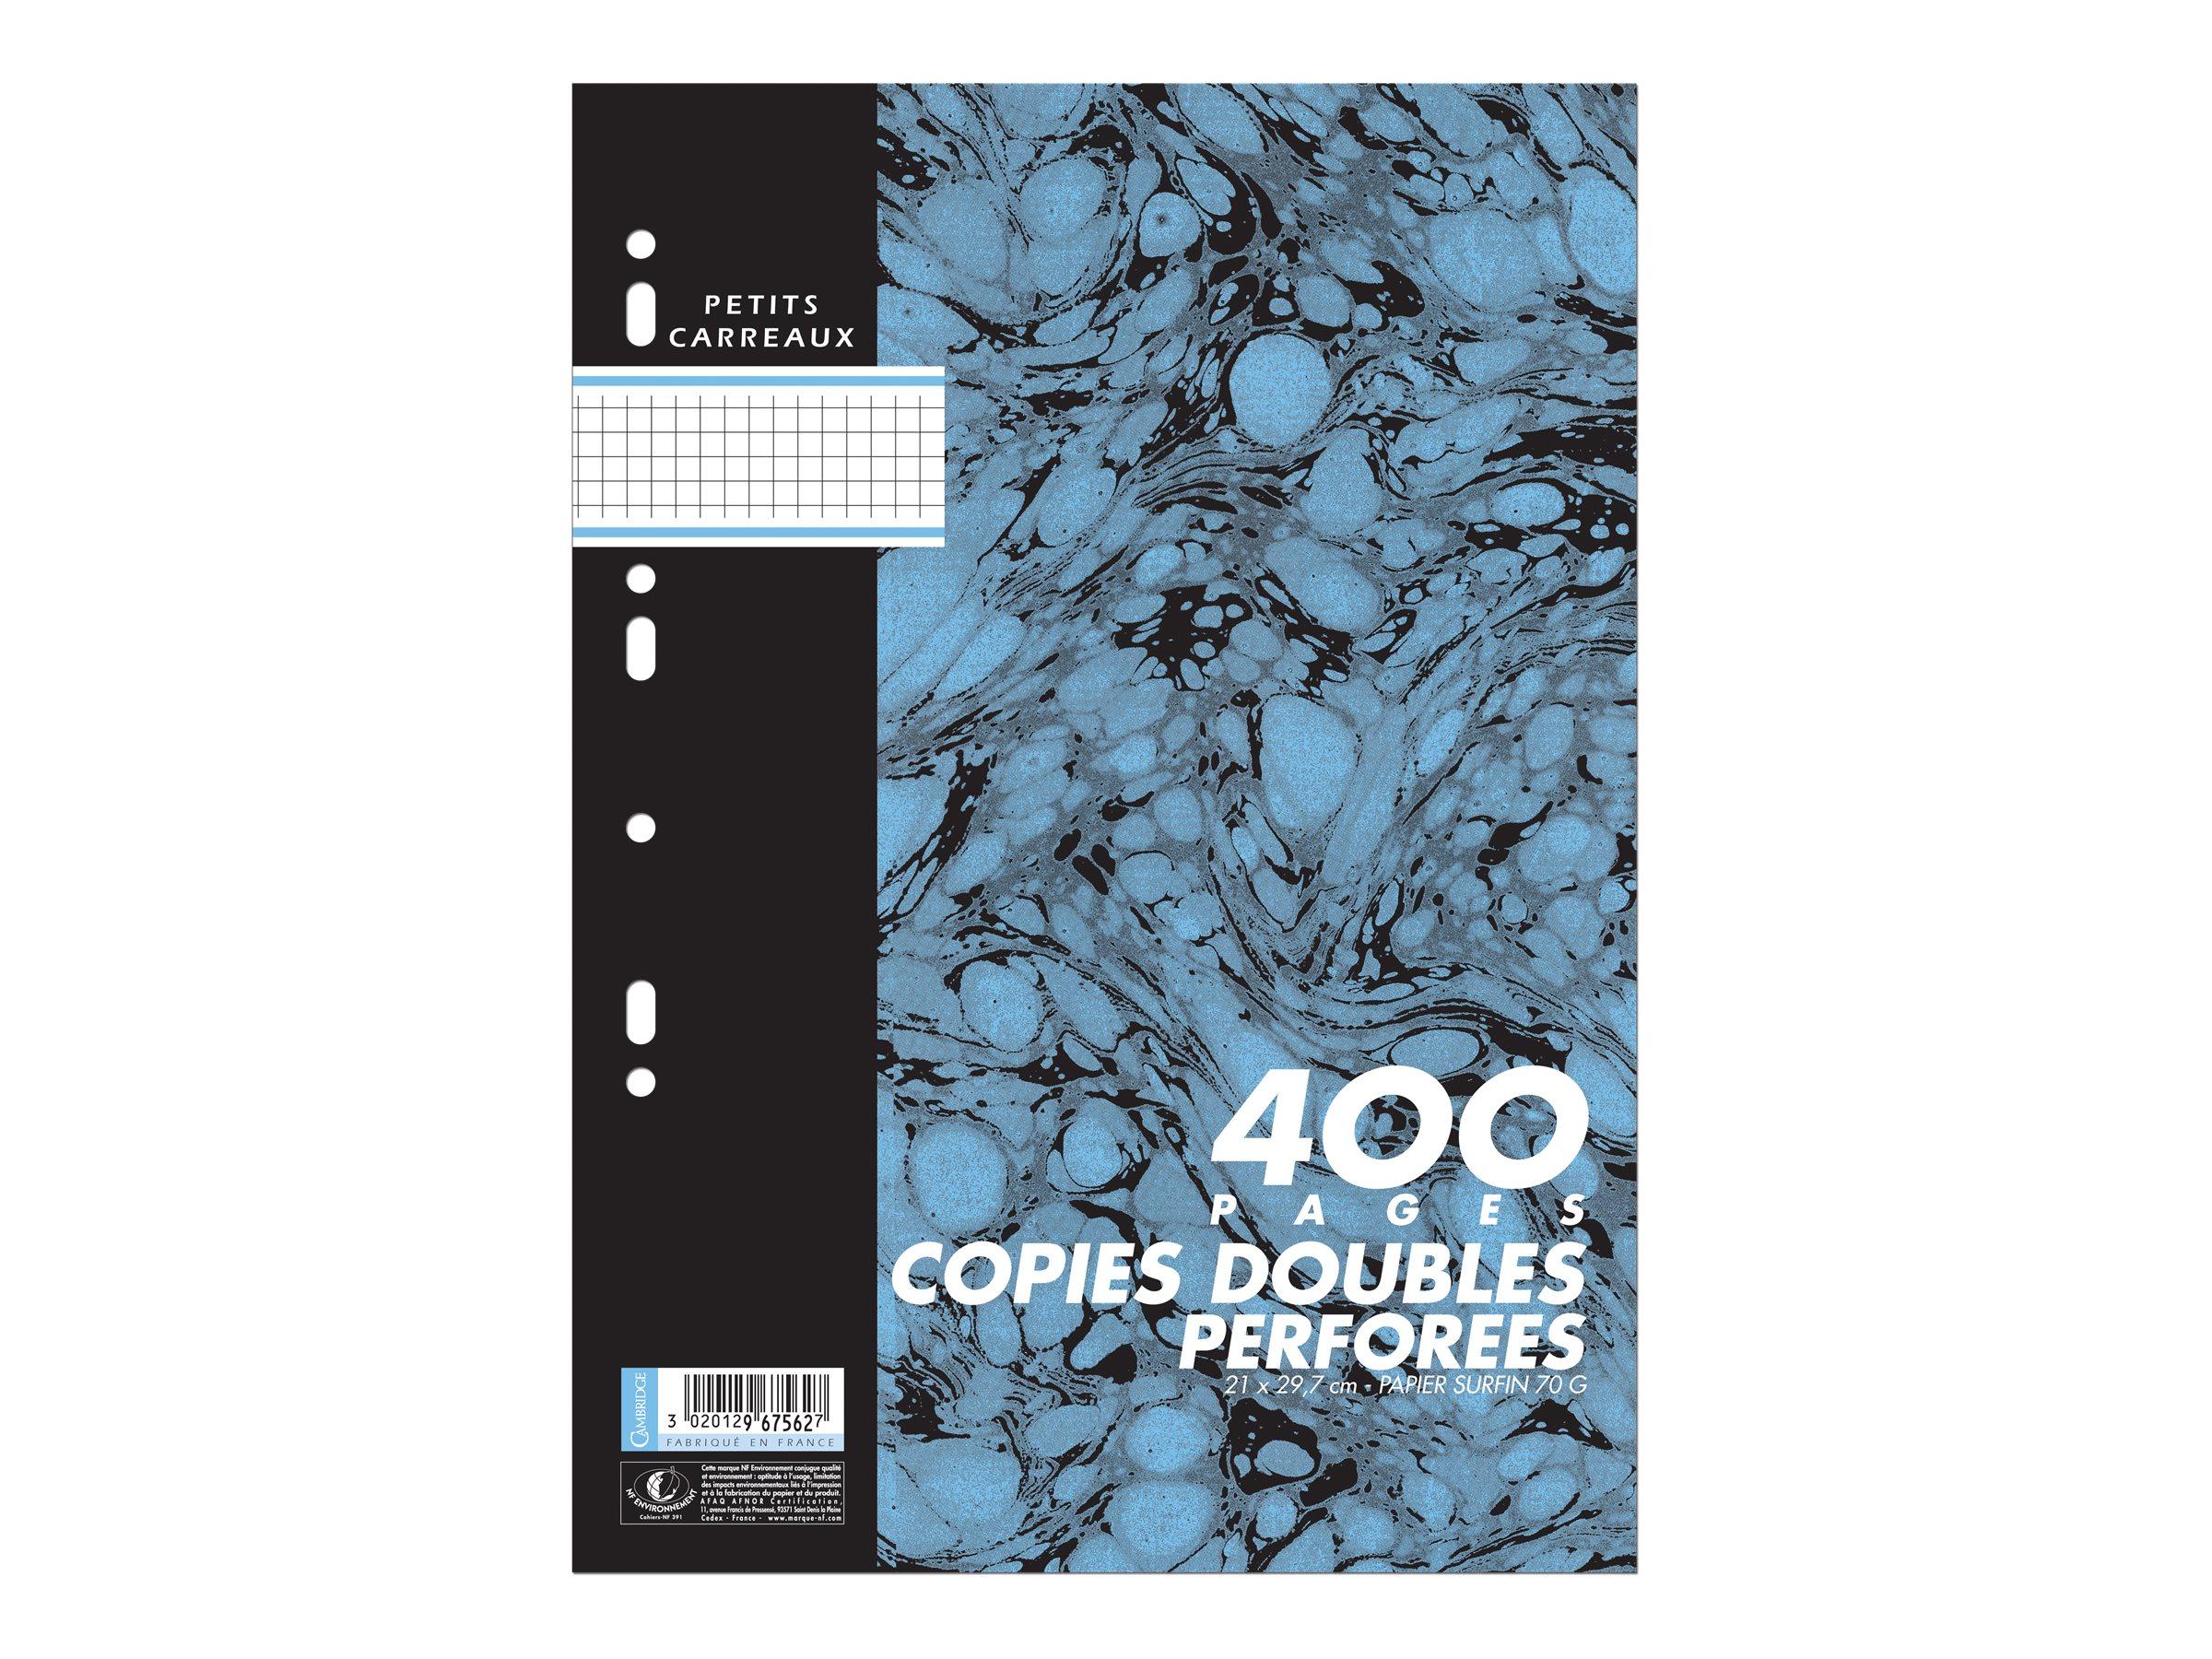 Cambridge - 400 Feuilles doubles -- A4 - petits carreaux